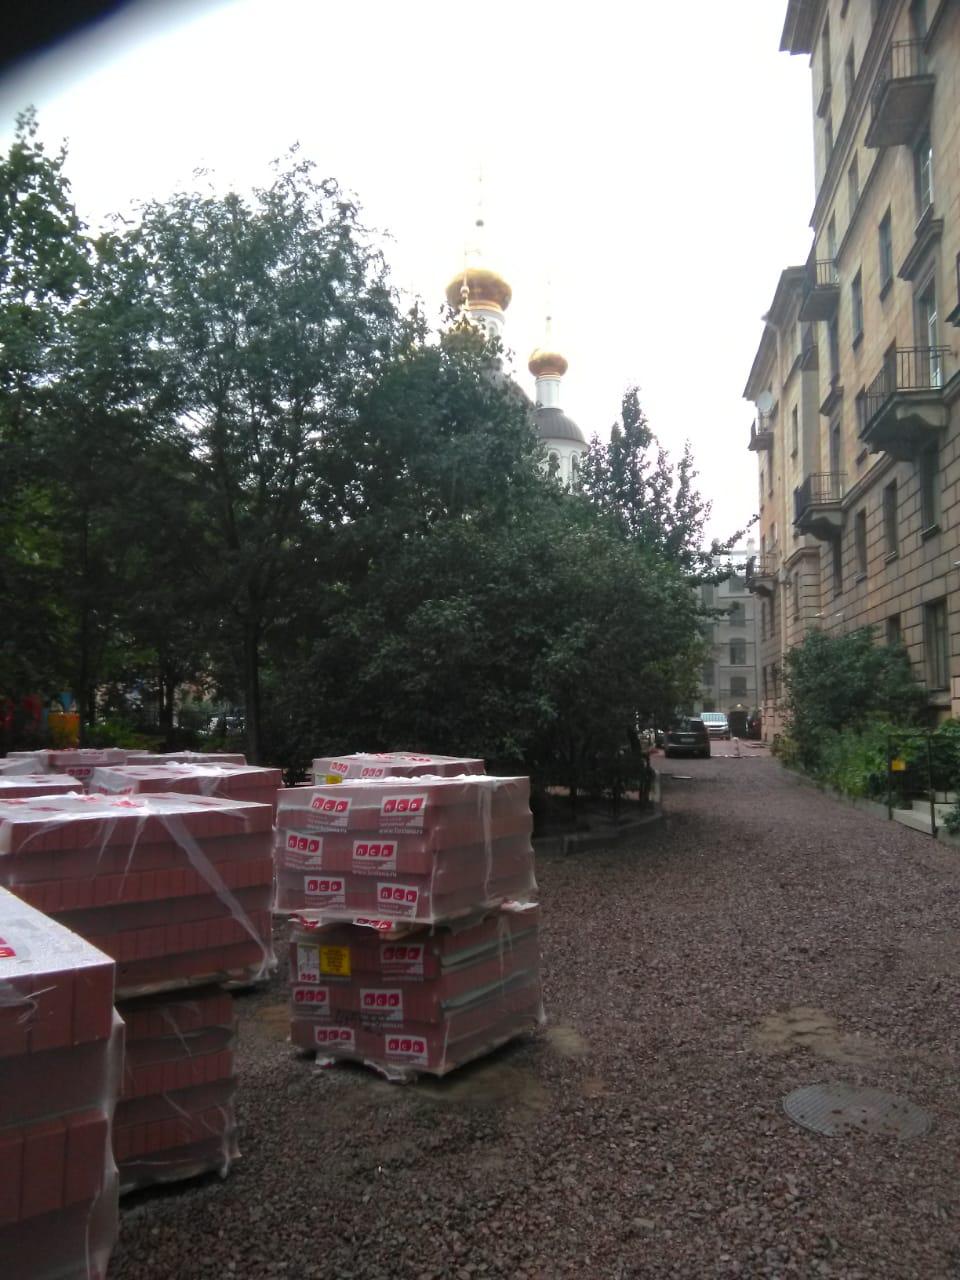 Доставка тротуарной плитки манипулятором для ЛСР. Храм Ксении Петербургской.